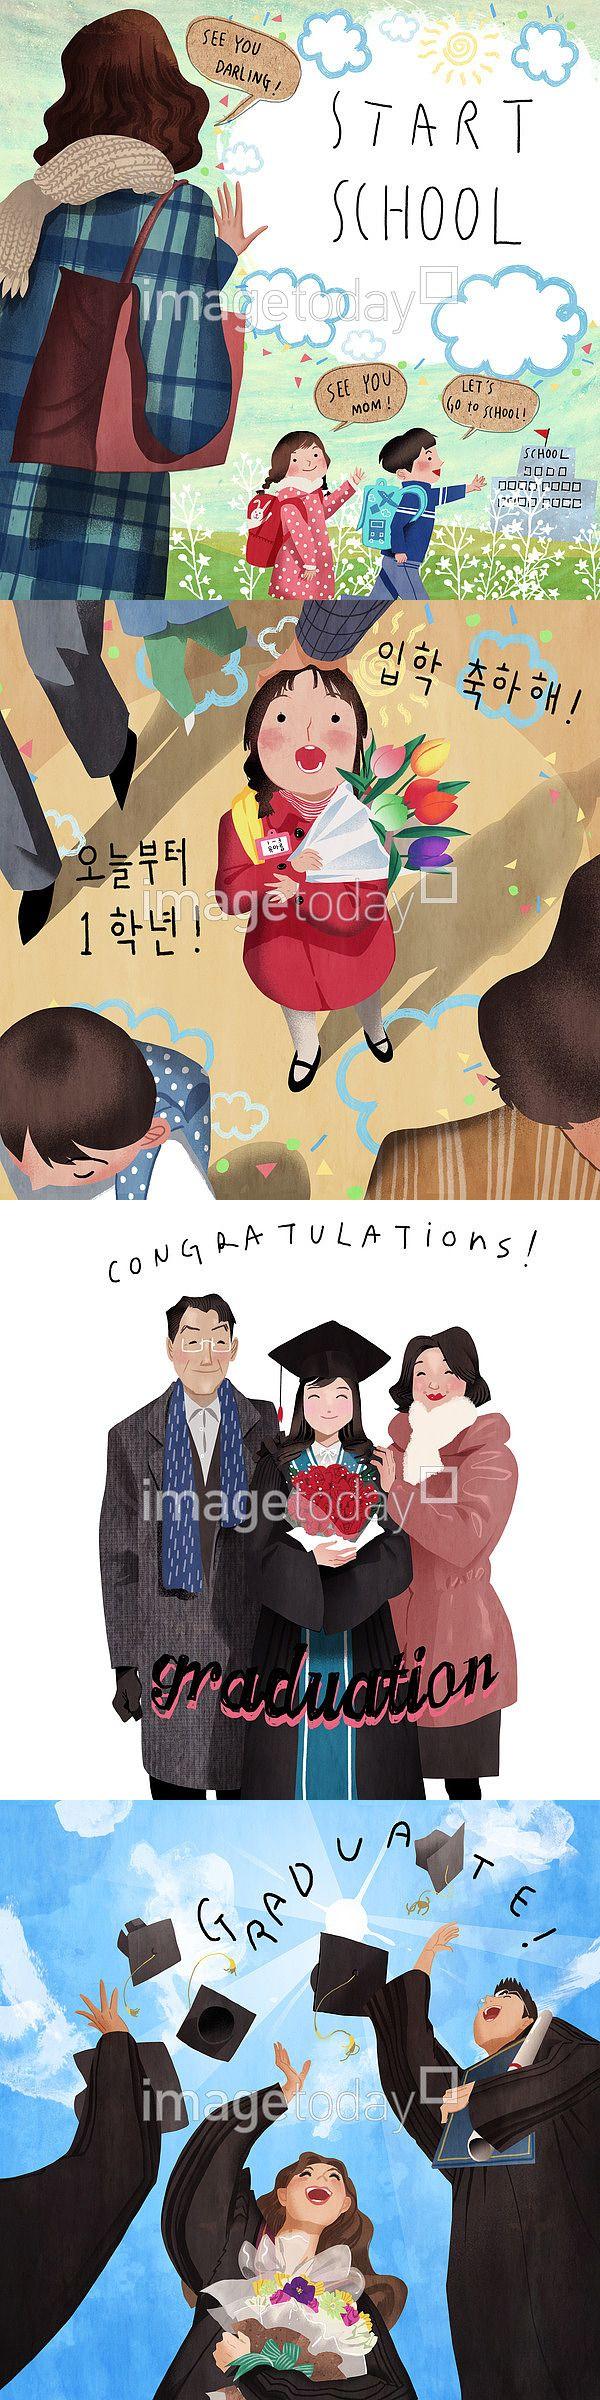 이미지투데이 입학 졸업 일러스트 교육 여자 어린이 초등학생 라이프스타일 프레임 페인터 가족 사진 미소 축하 통로이미지 tongroimages imagetoday admission graduation illust illustration education girl elementary school lifestyle frame painter family smile celebration